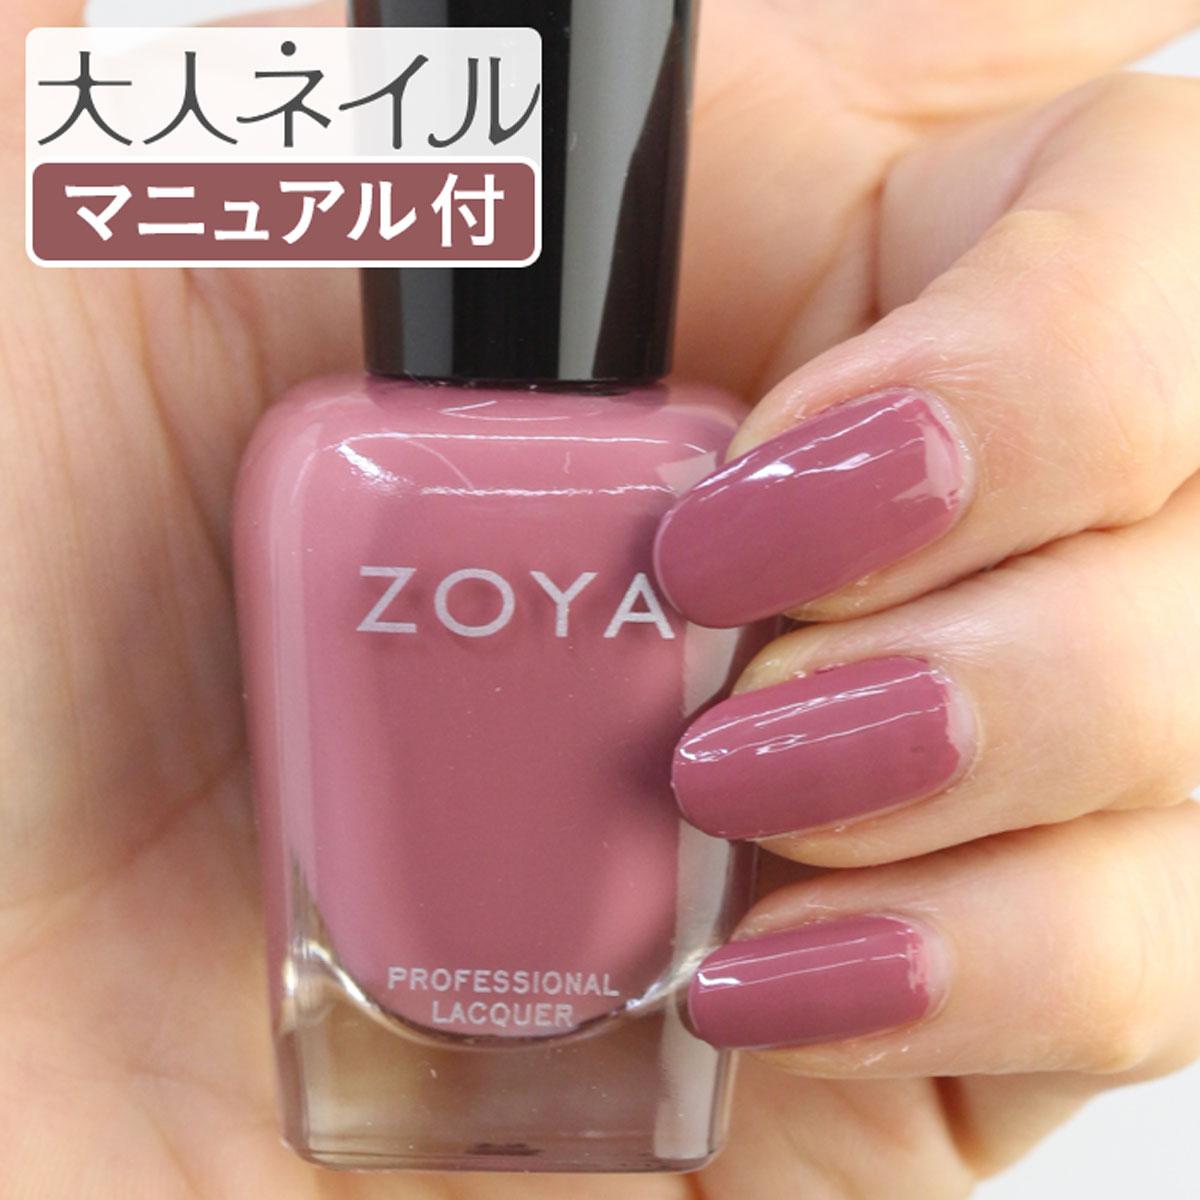 ZOYA ゾーヤ ゾヤ ネイルカラー ZP1016 15mL MAI 自爪 の為に作られた ネイル にやさしい 自然派 マニキュア zoya セルフネイル にもおすすめ ローズウッド ピンク 秋ネイル 秋カラー